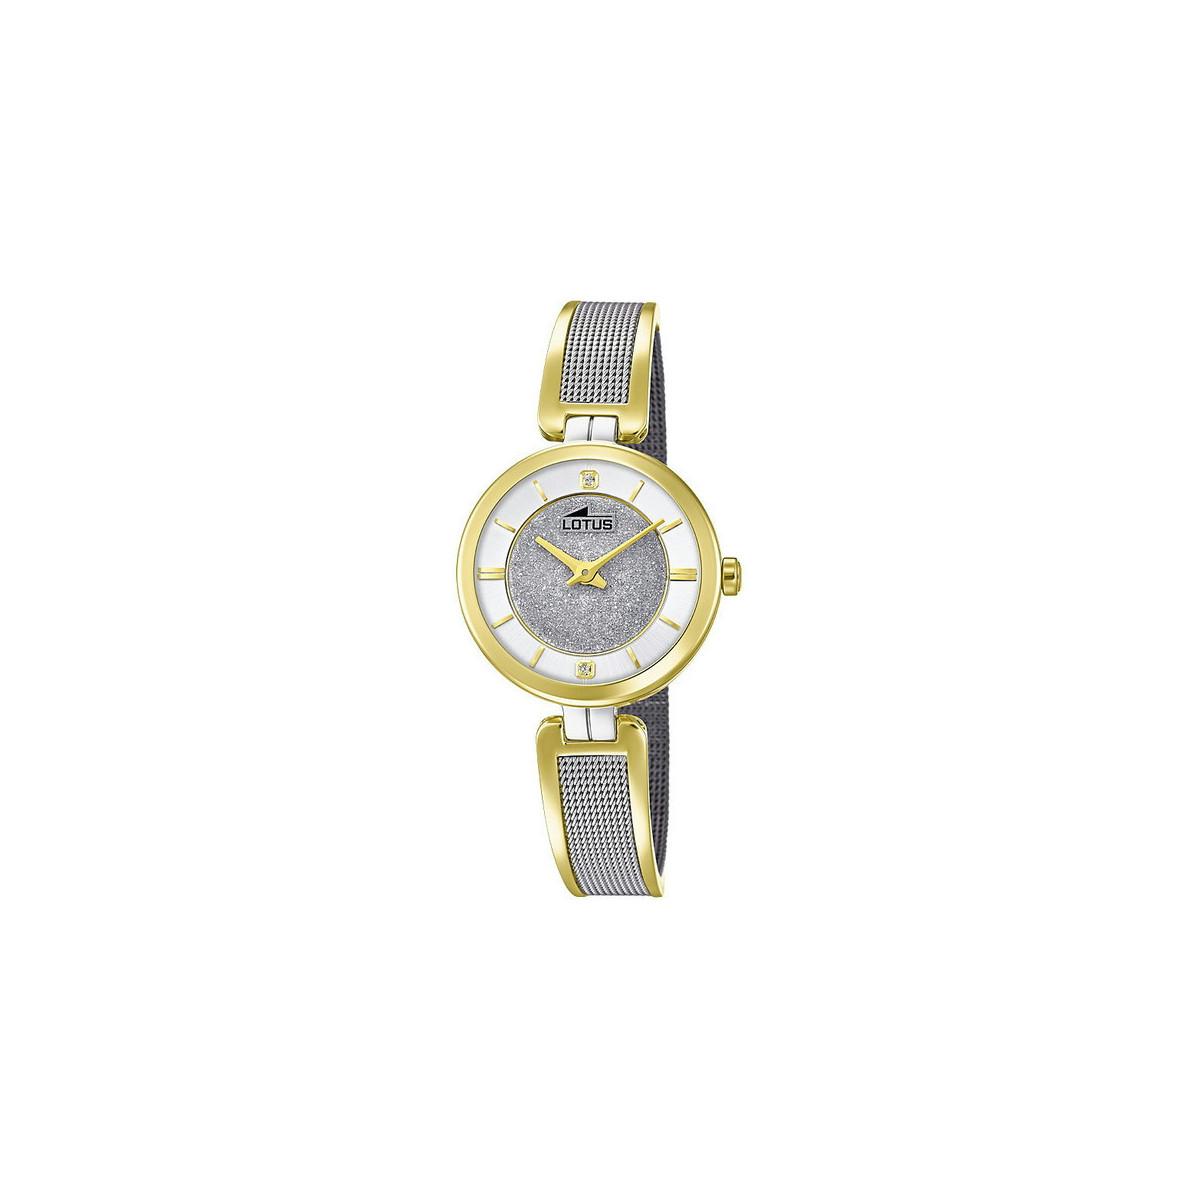 Reloj Lotus Bliss Bicolor Mujer 18603/1